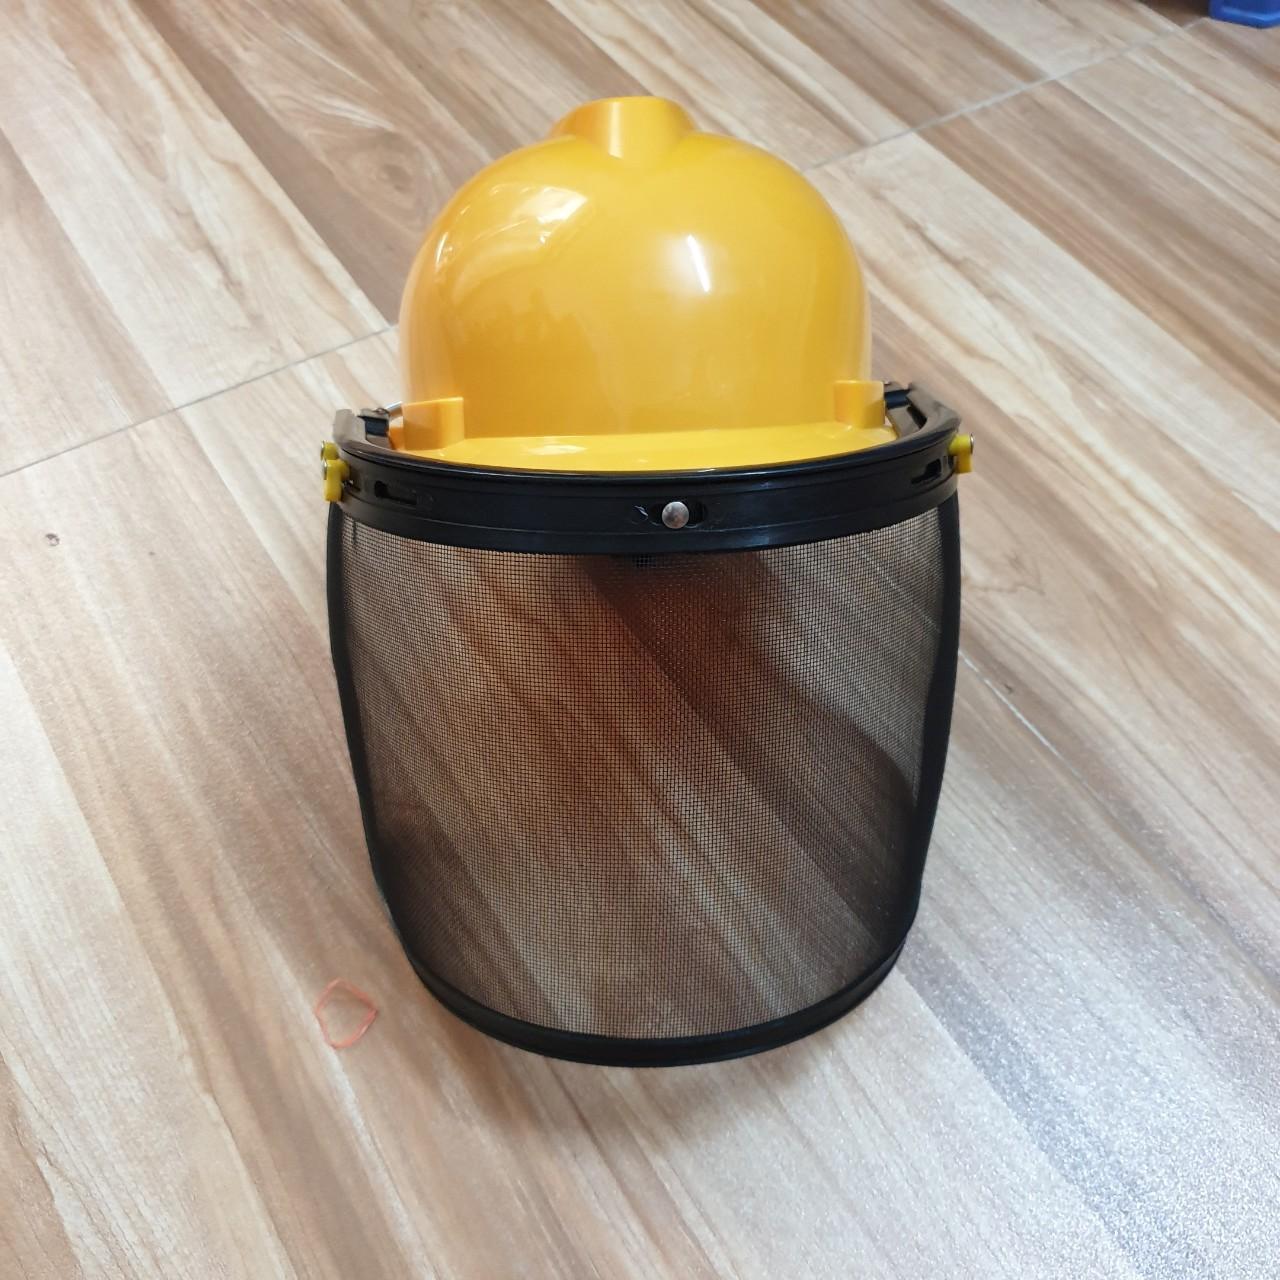 Mũ bảo hộ cả đầu cắt cỏ, vệ sinh môi trường